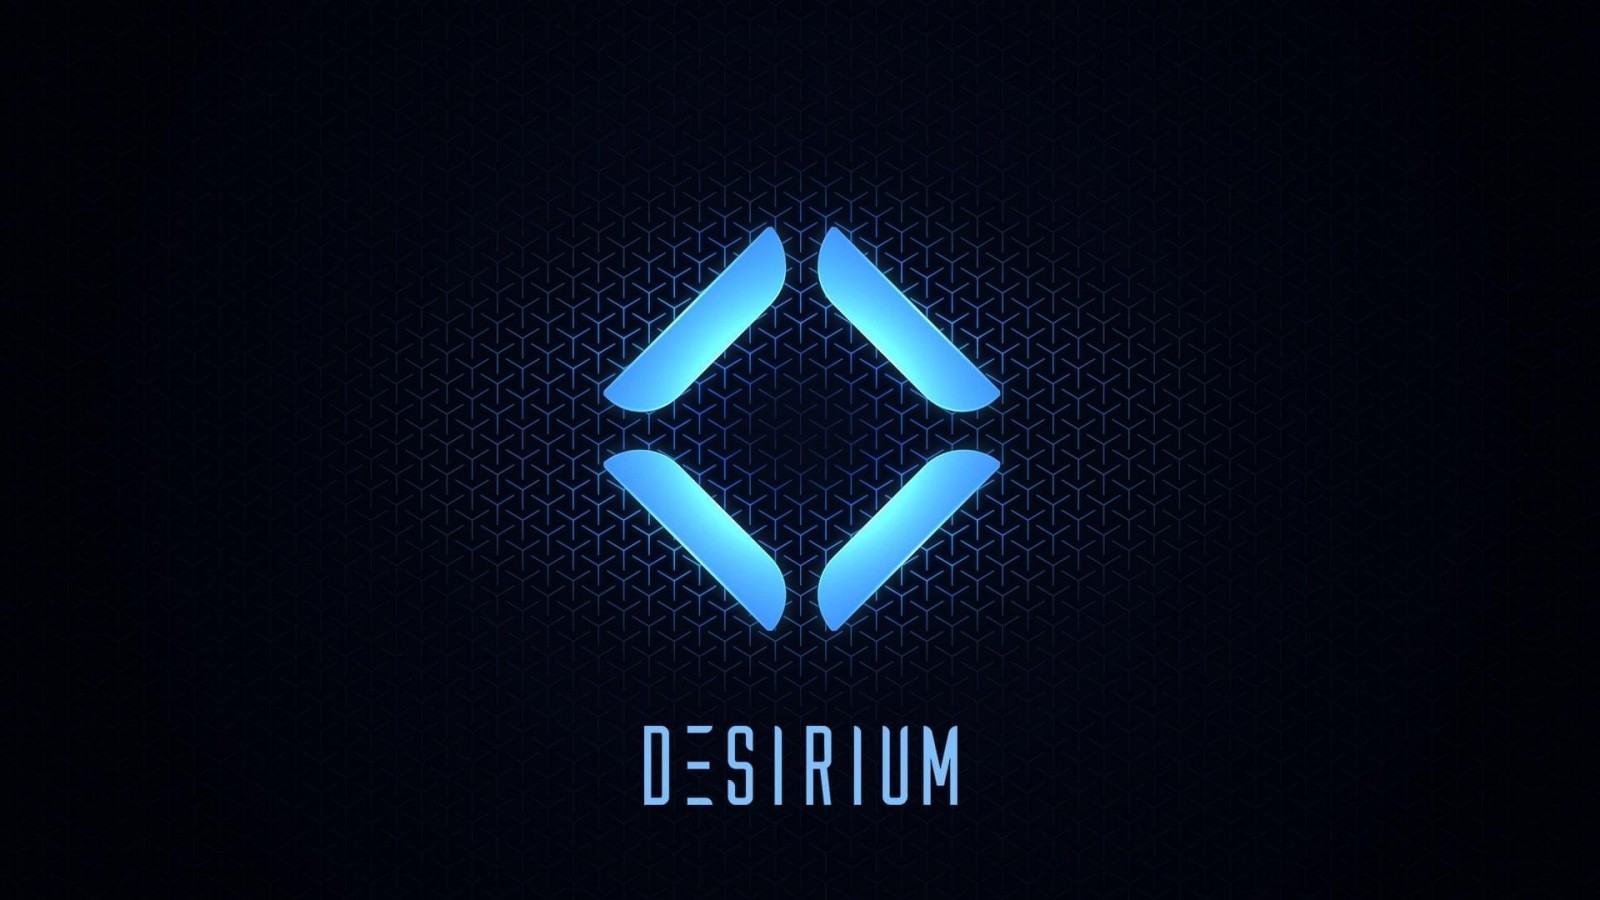 DESIRIUM изменит рынок потребления контента в VR